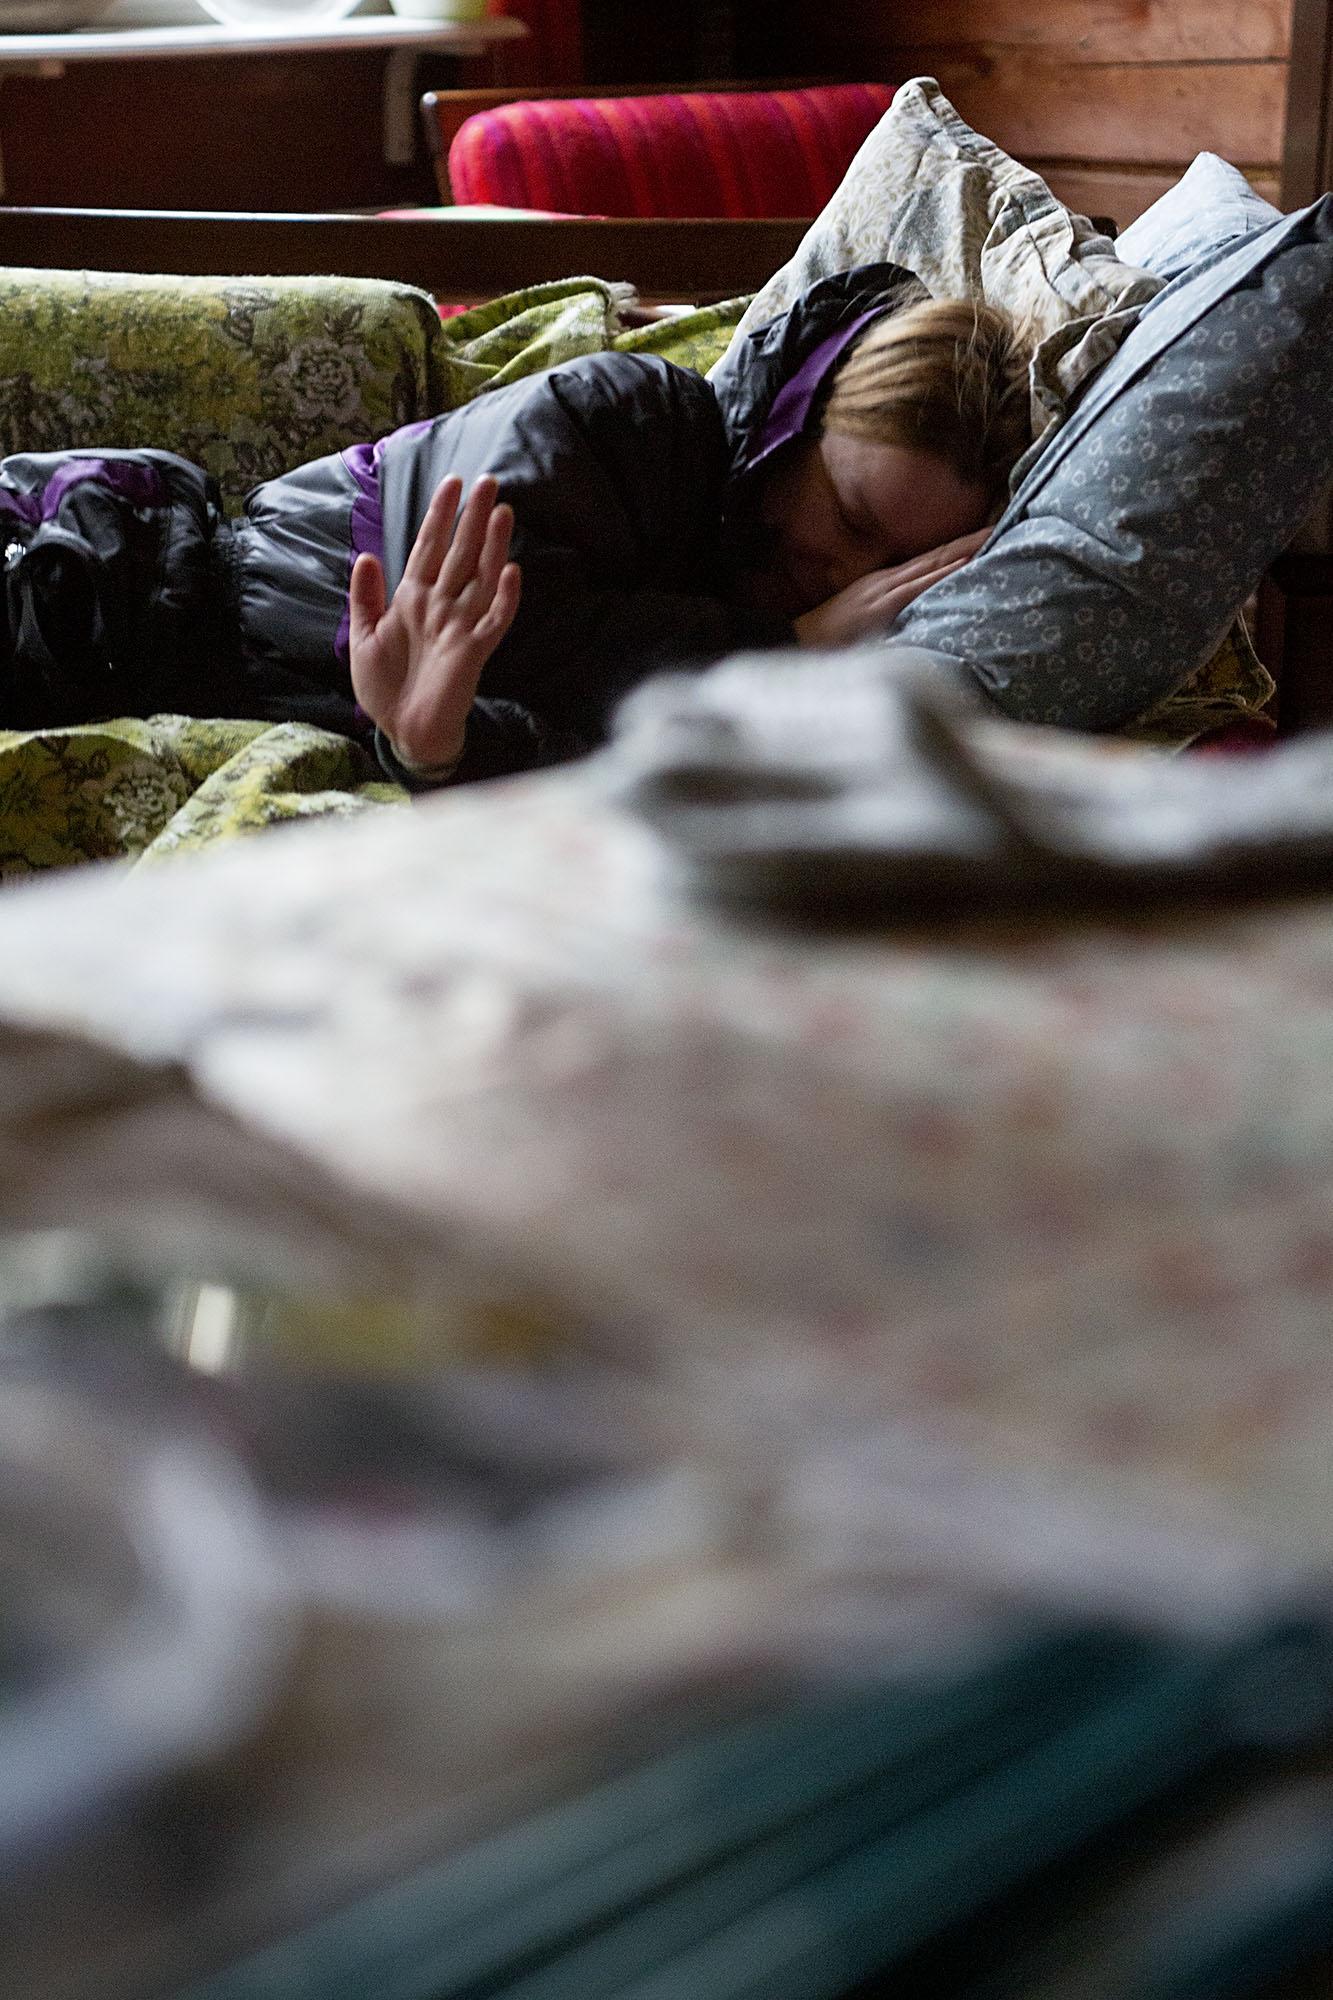 nainen makaa toppahaalareissa vanhalla sohvalla, heilauttaa kättään nauraen tyynyyn